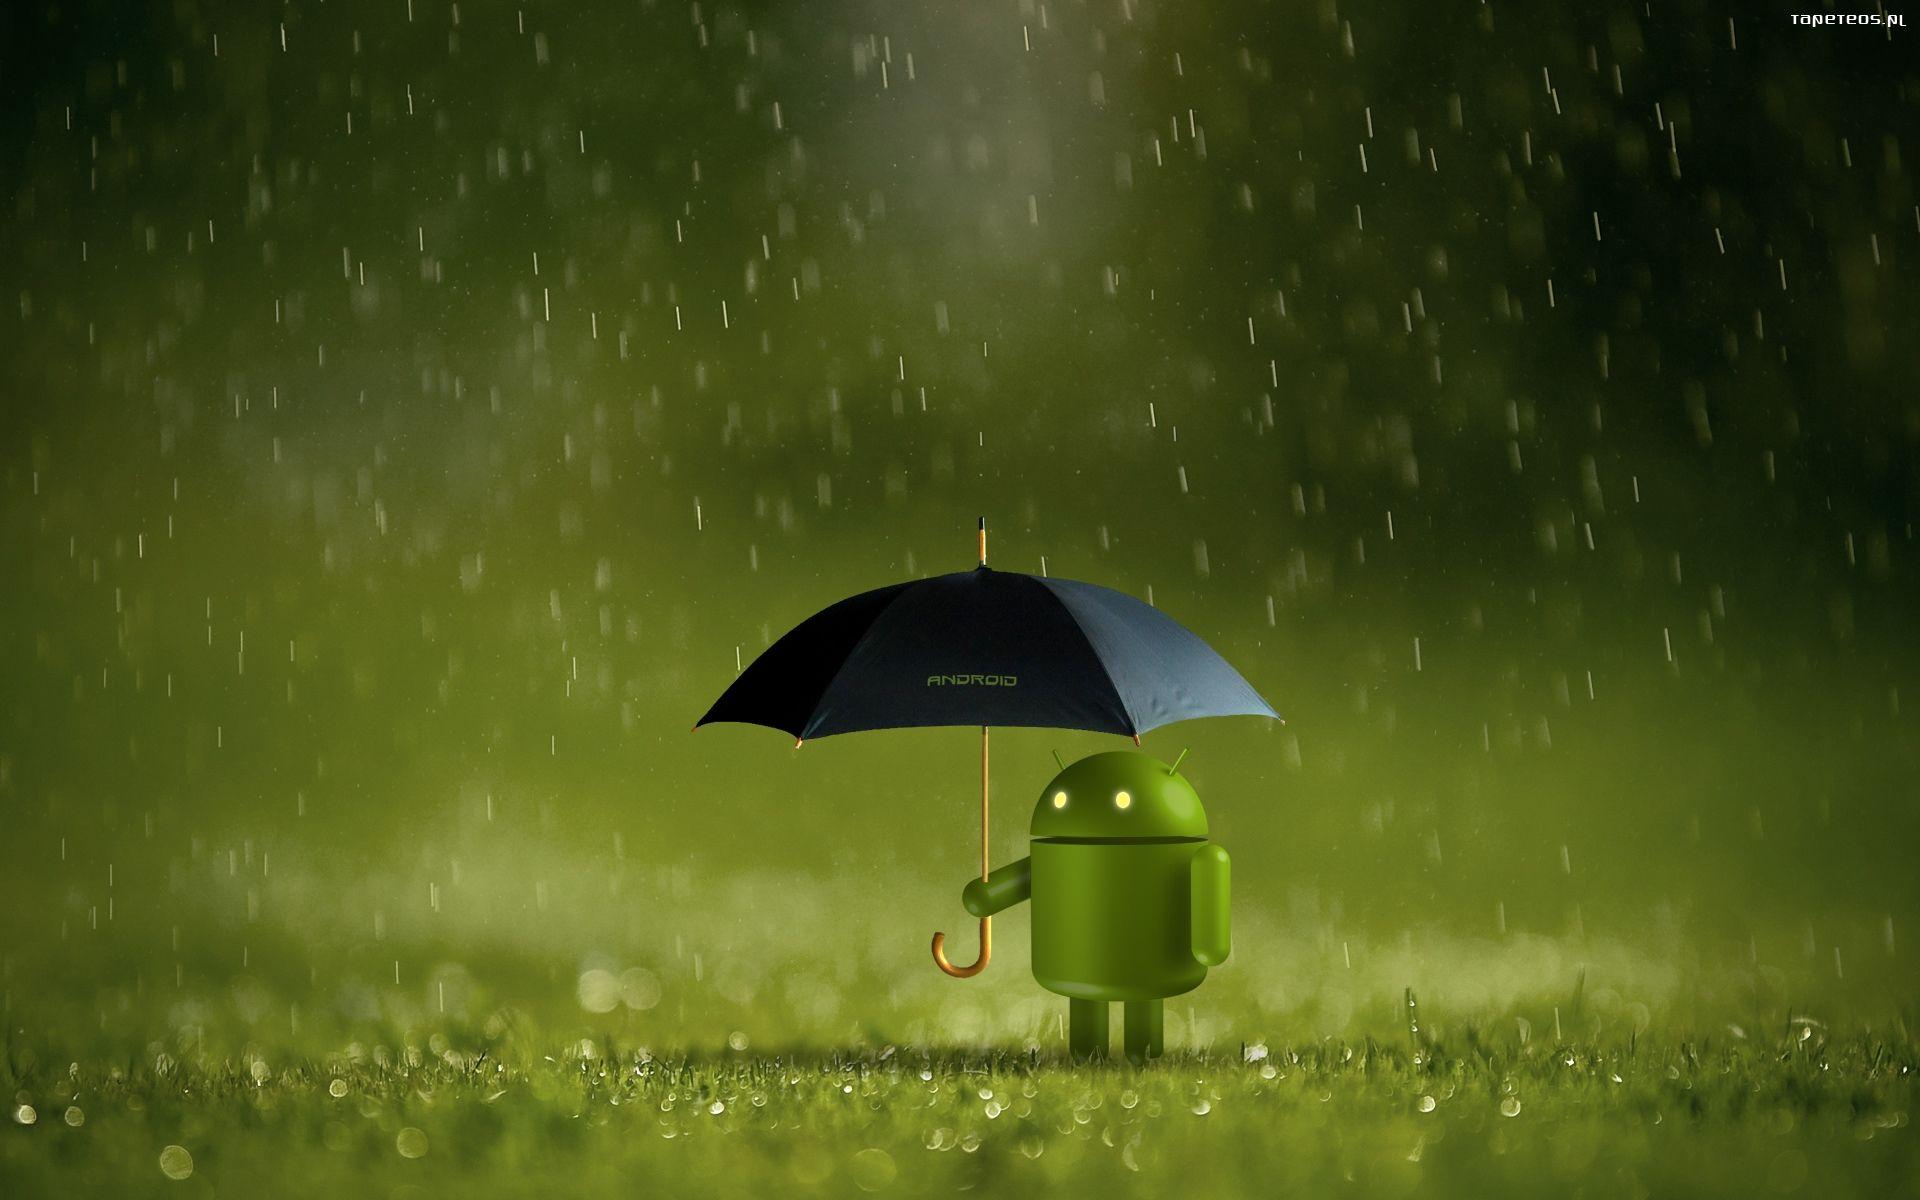 живые обои для android вращающееся земля